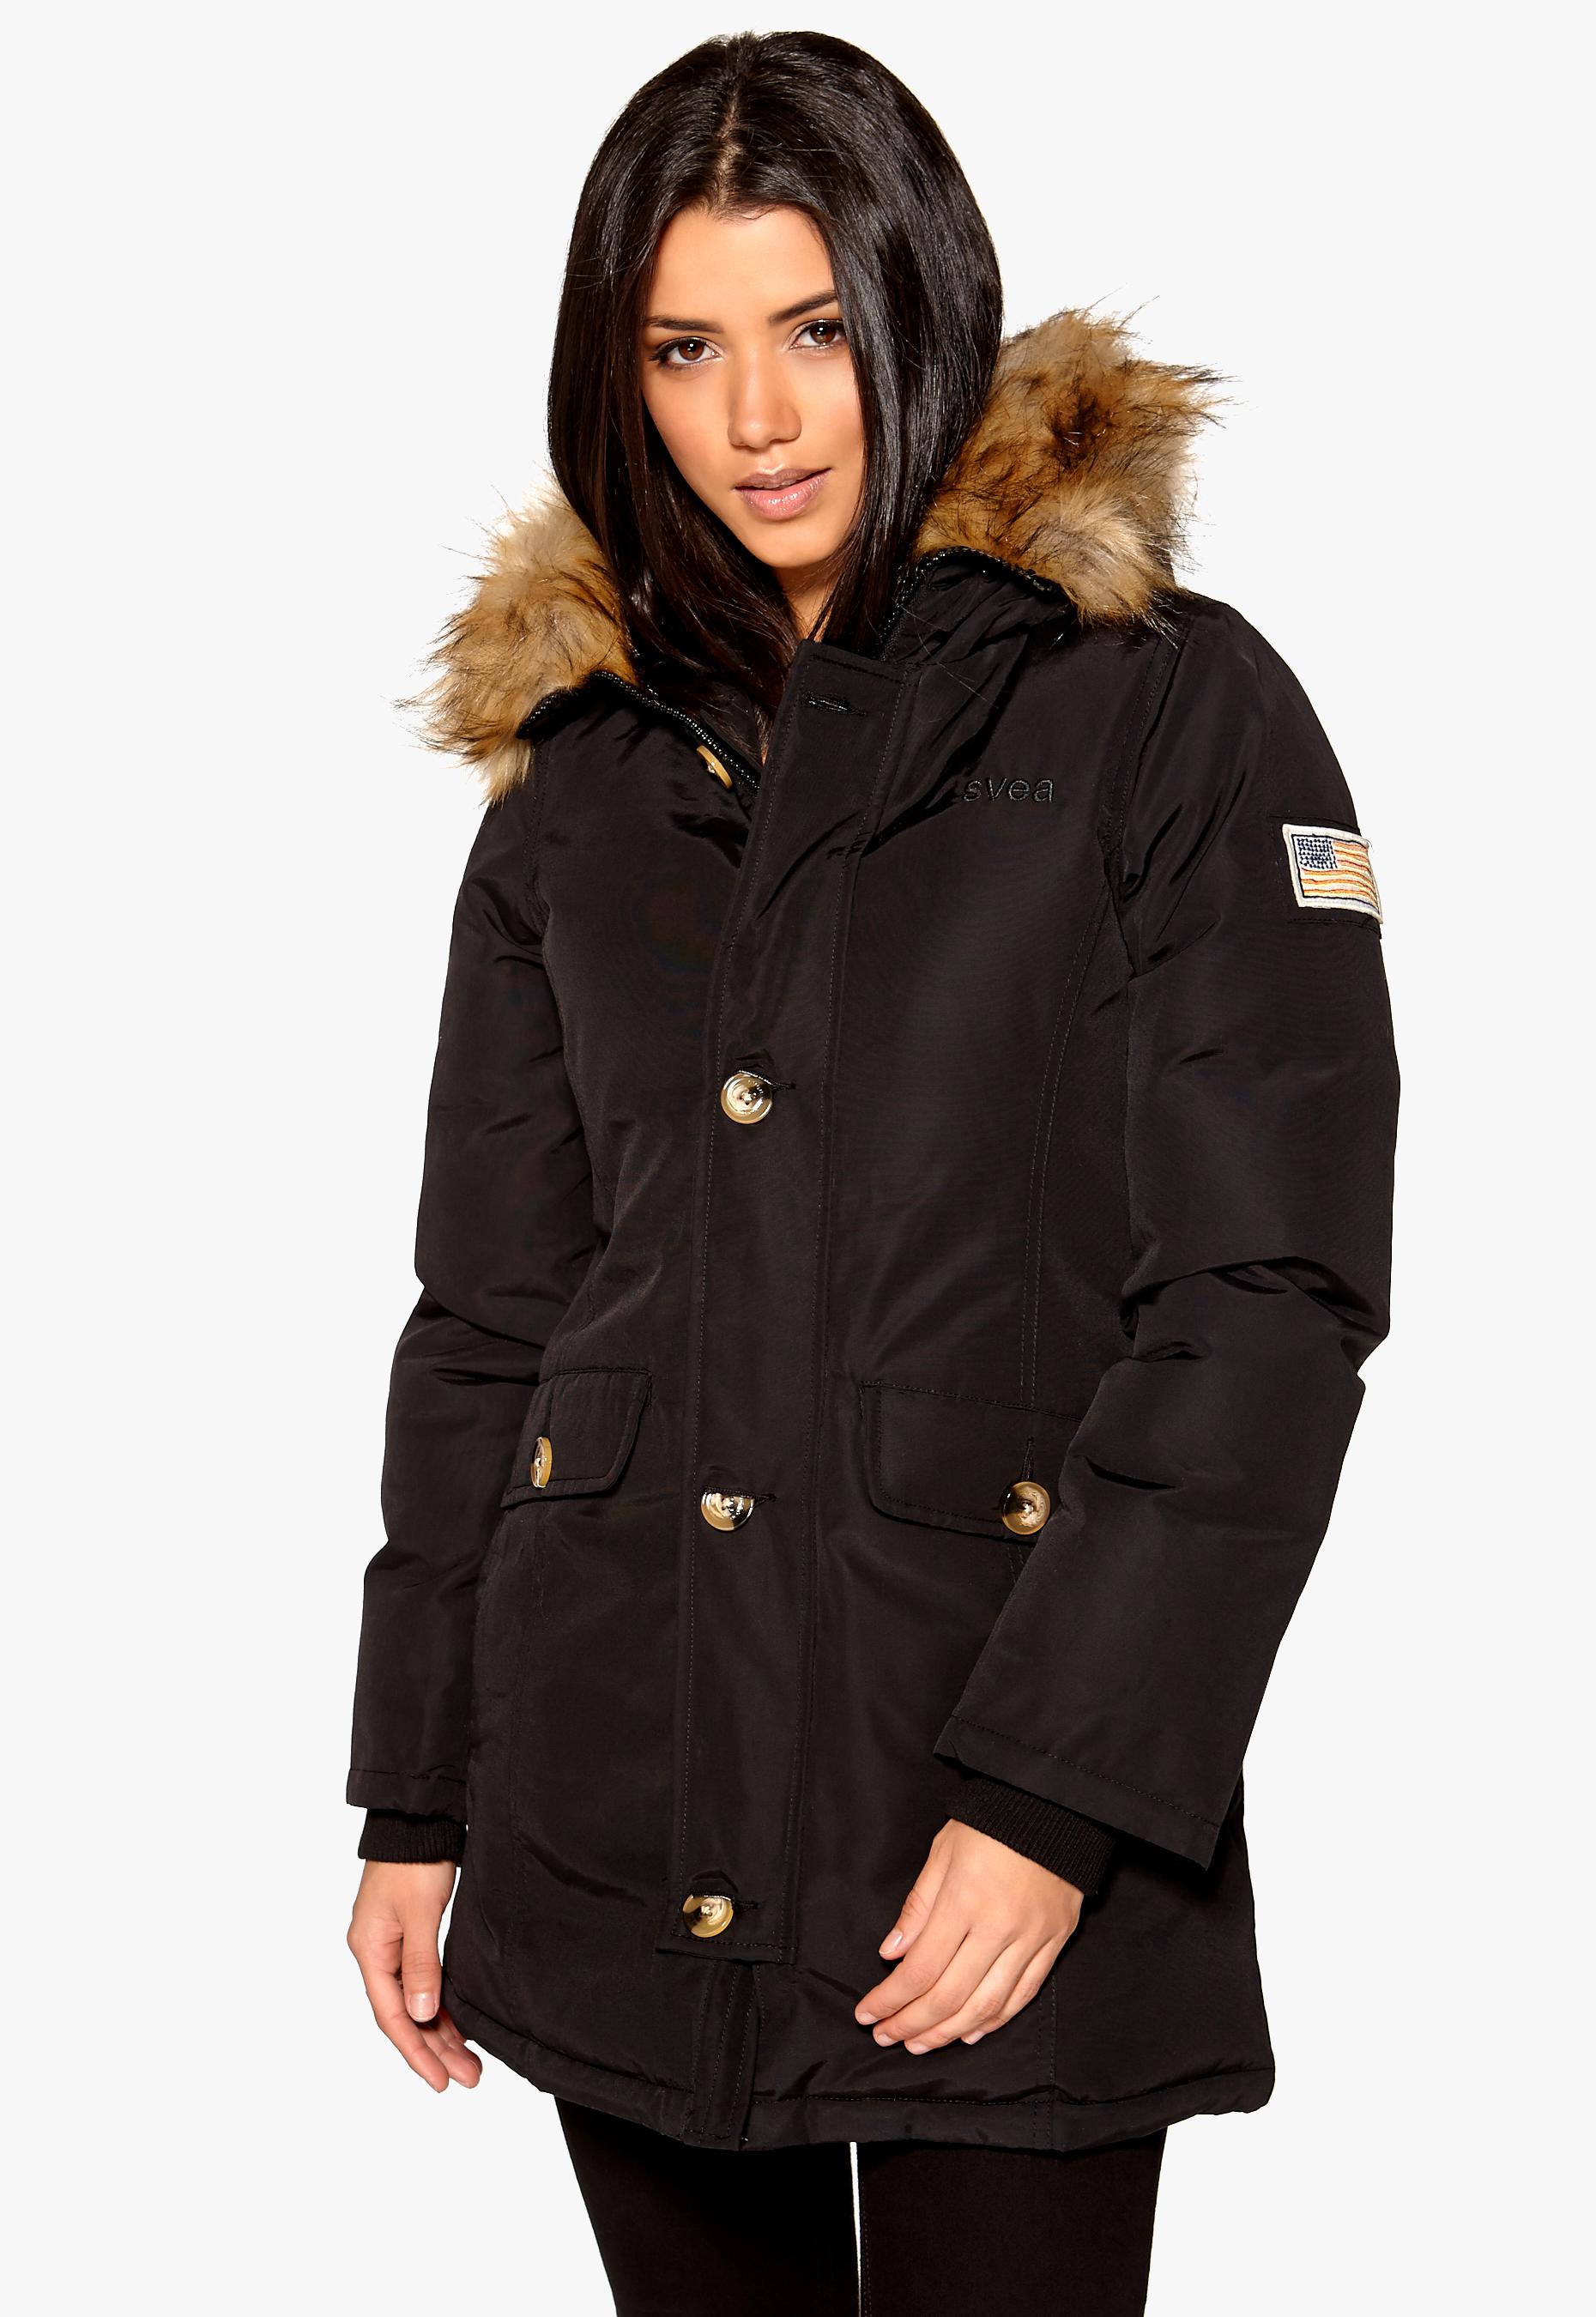 miss smith jacket rea